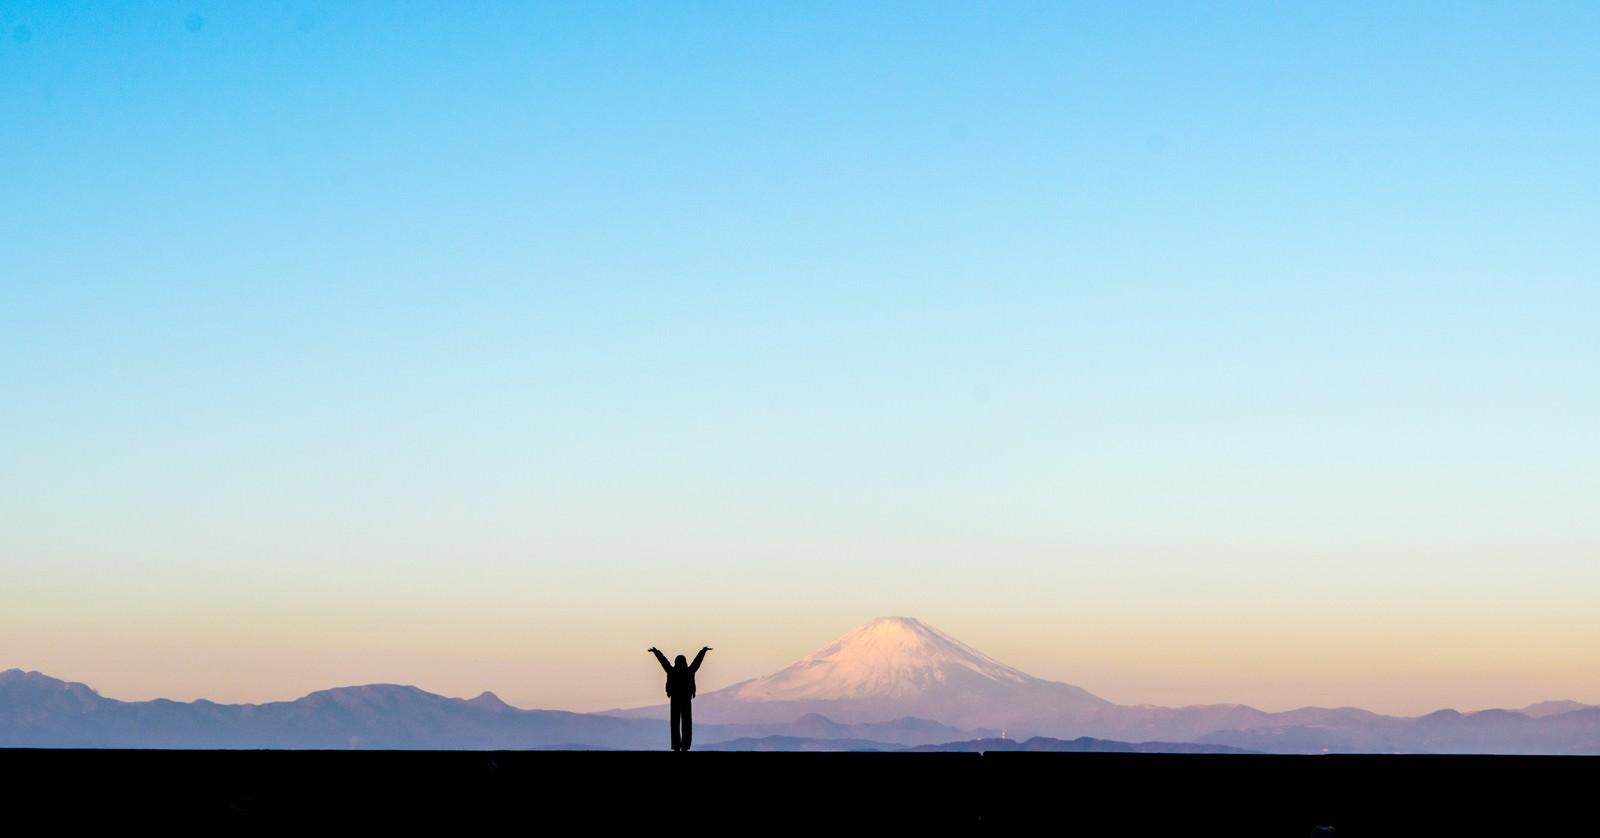 「新年!富士山をバックに両手をあげる女性のシルエット」の写真